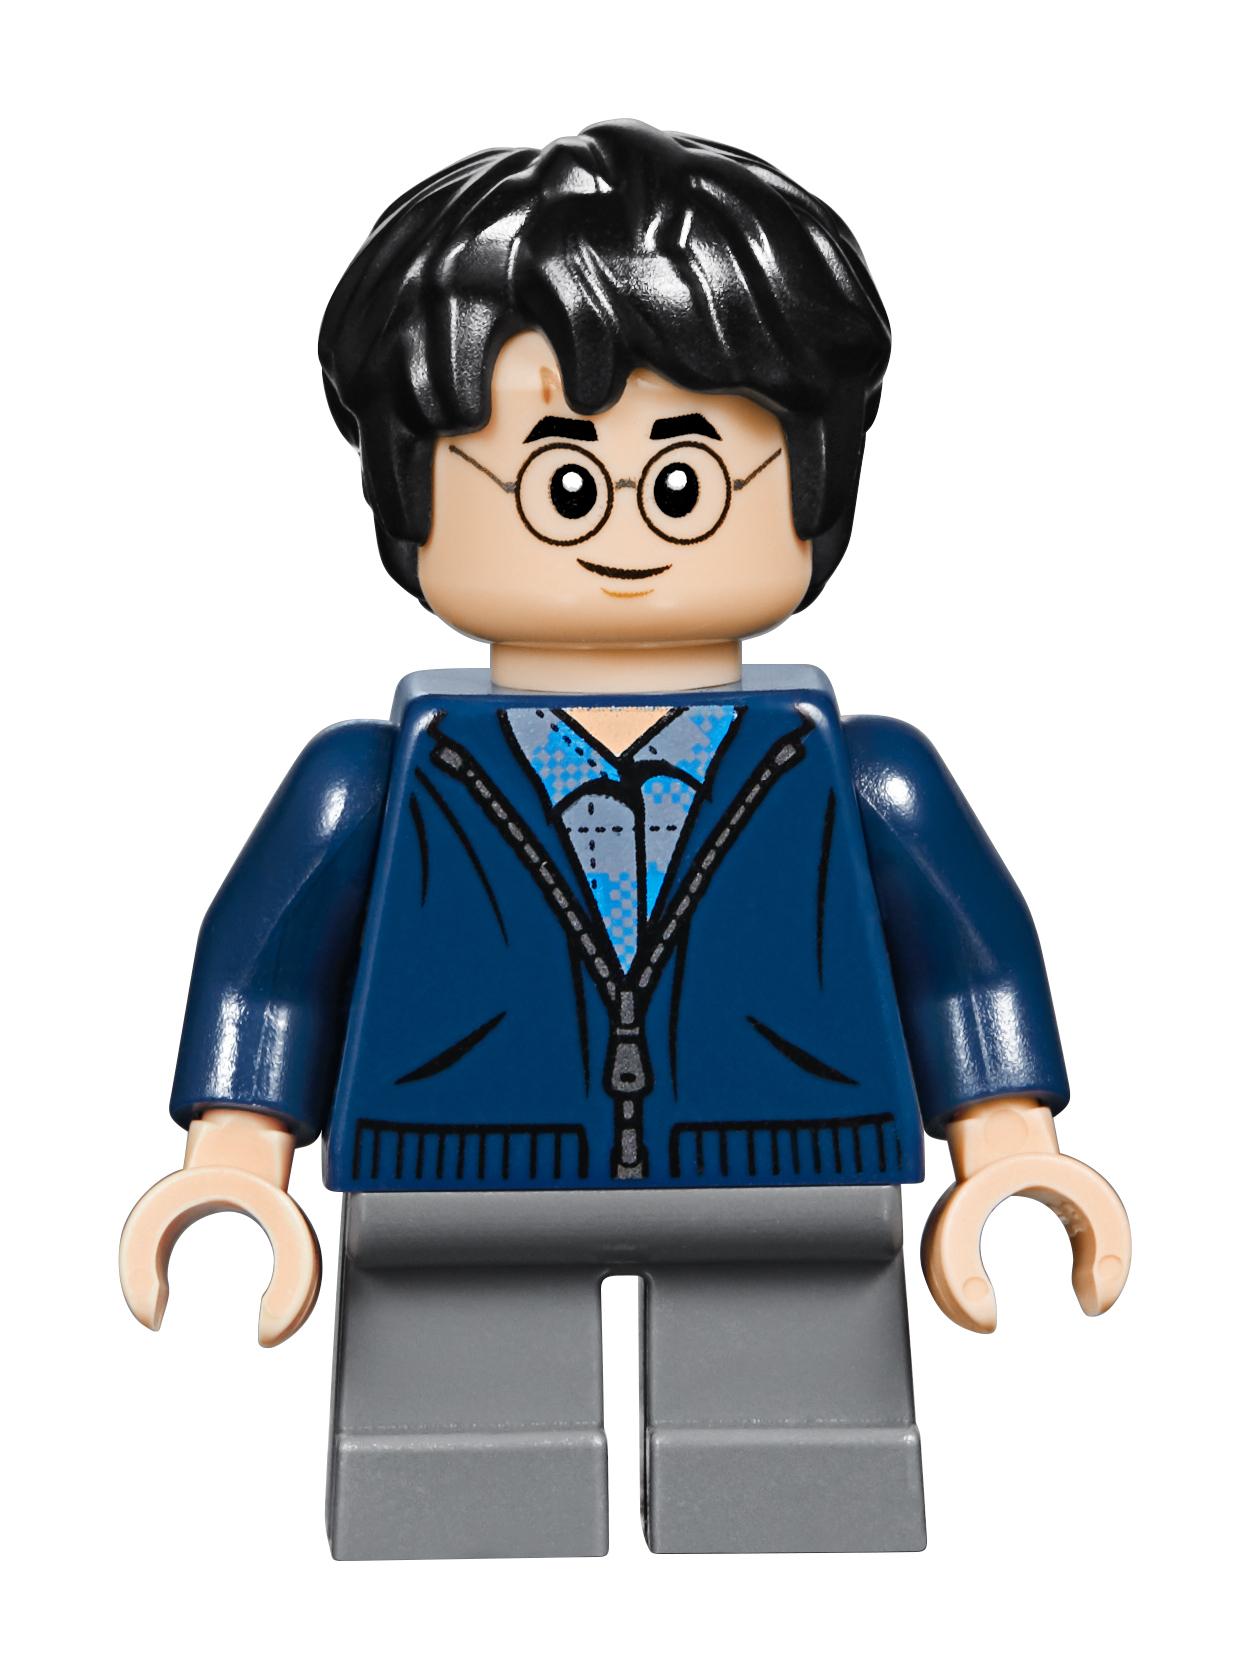 75955 lego harry potter hogwarts express mf 04 the